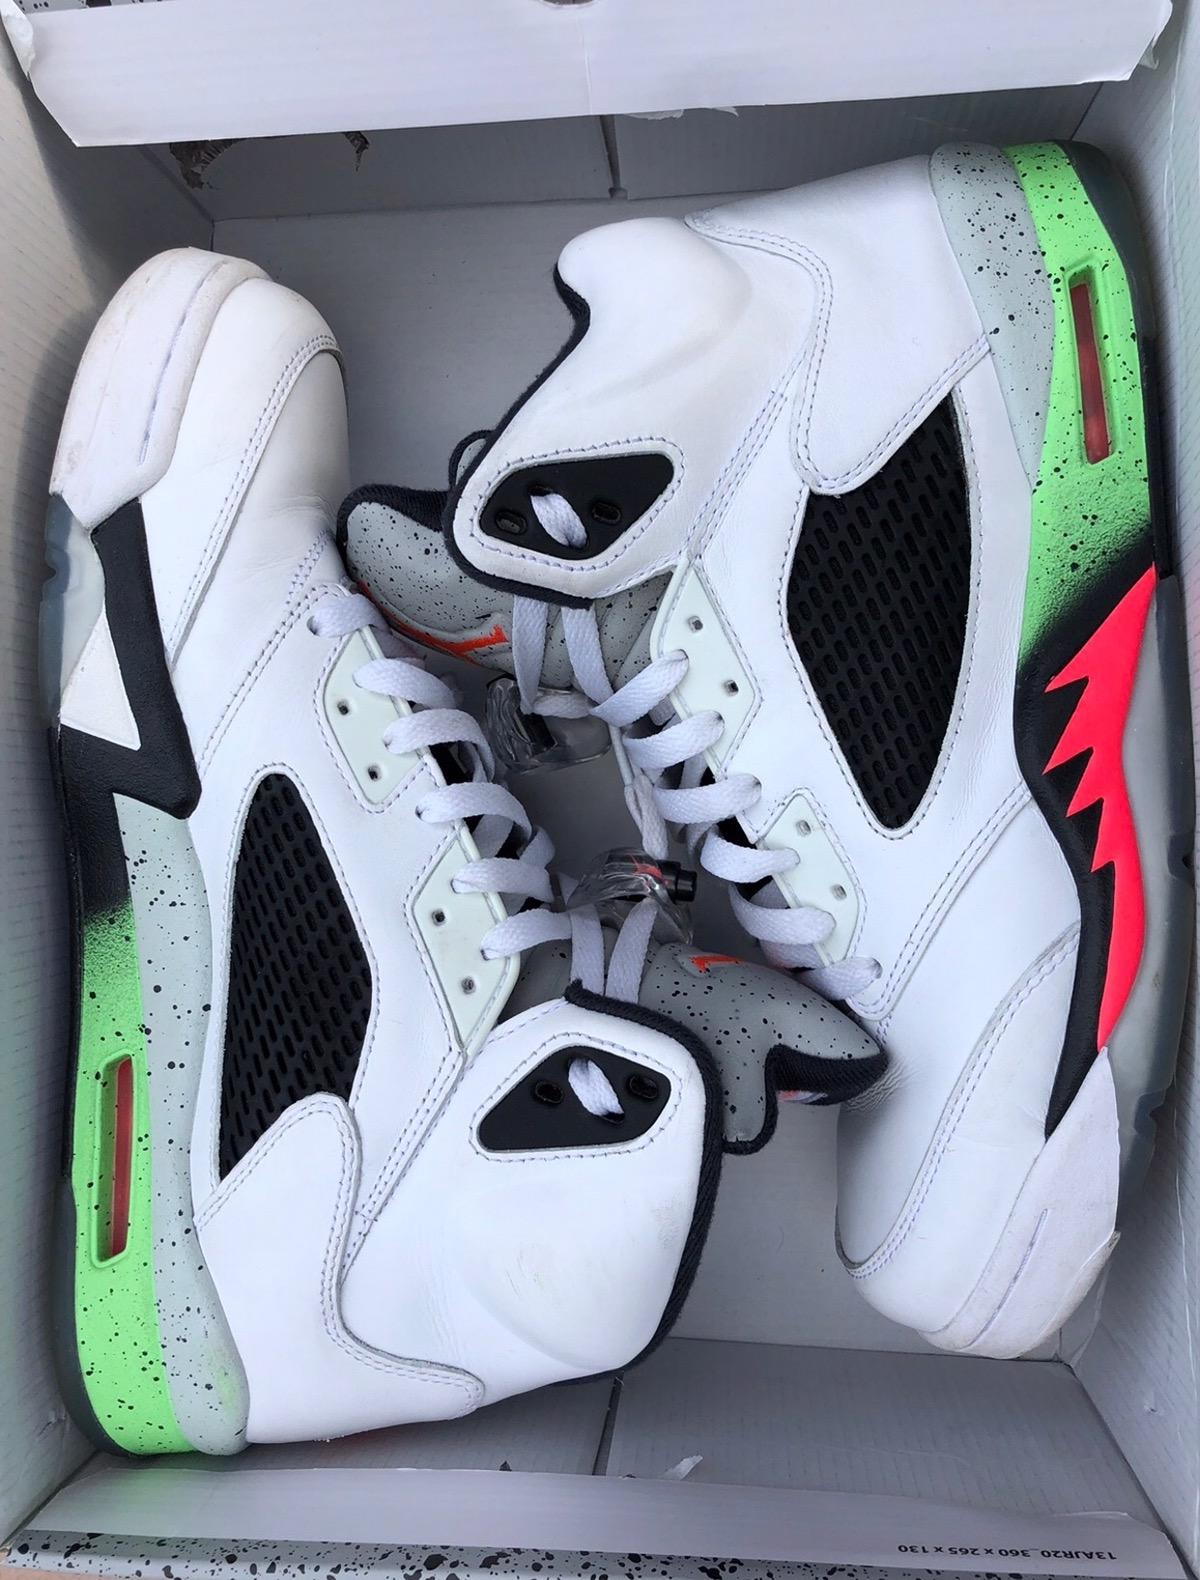 131032ea25d1 Jordan Brand ×. Air Jordan Retro 5 Pro Stars